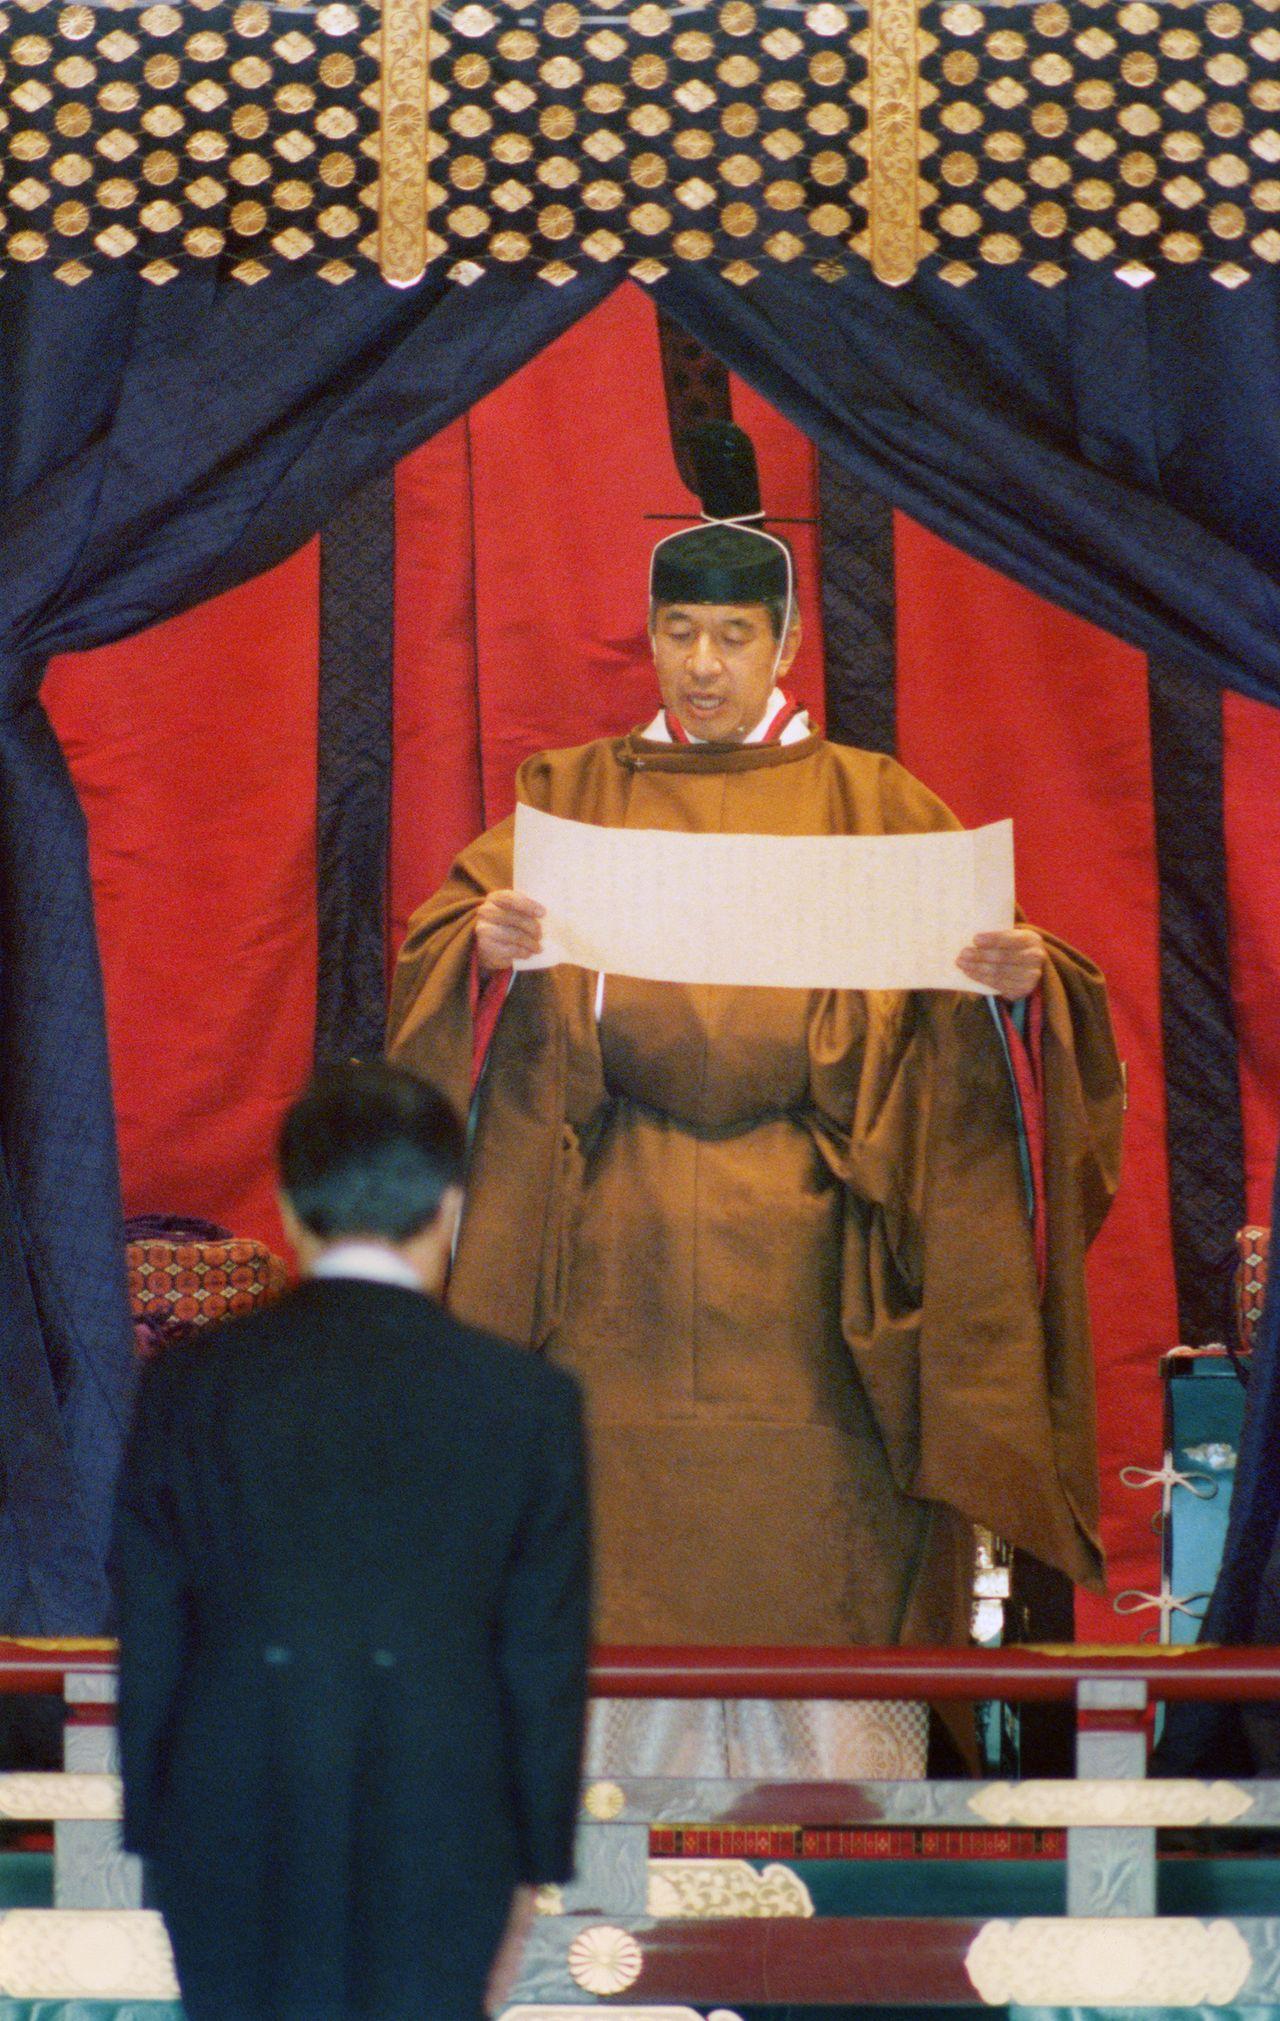 Император Акихито (нынешний почётный император) читает речь во время церемонии Сокуирэй Сэйдэн-но ги. 12 ноября 1990 г., зал Мацу-но ма (Jiji Press)